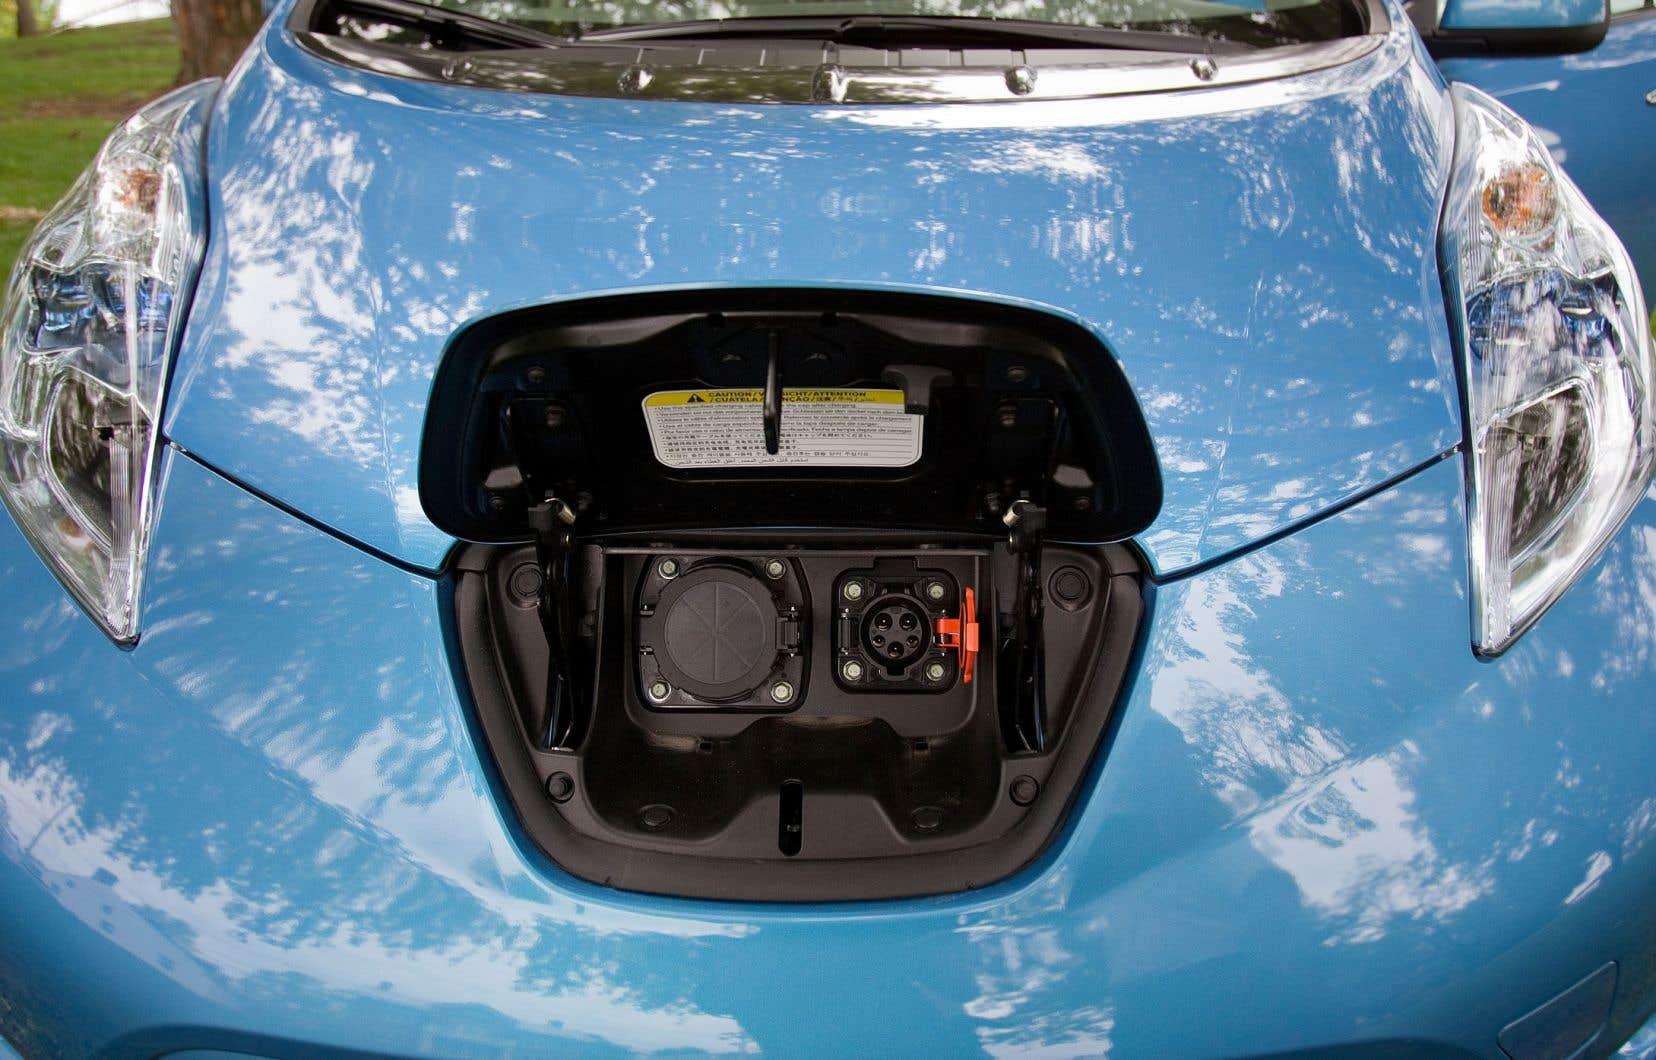 Il y a actuellement quelque 30 000 véhicules hybrides et électriques sur les routes du Québec, selon les chiffres de la Société de l'assurance automobile du Québec.